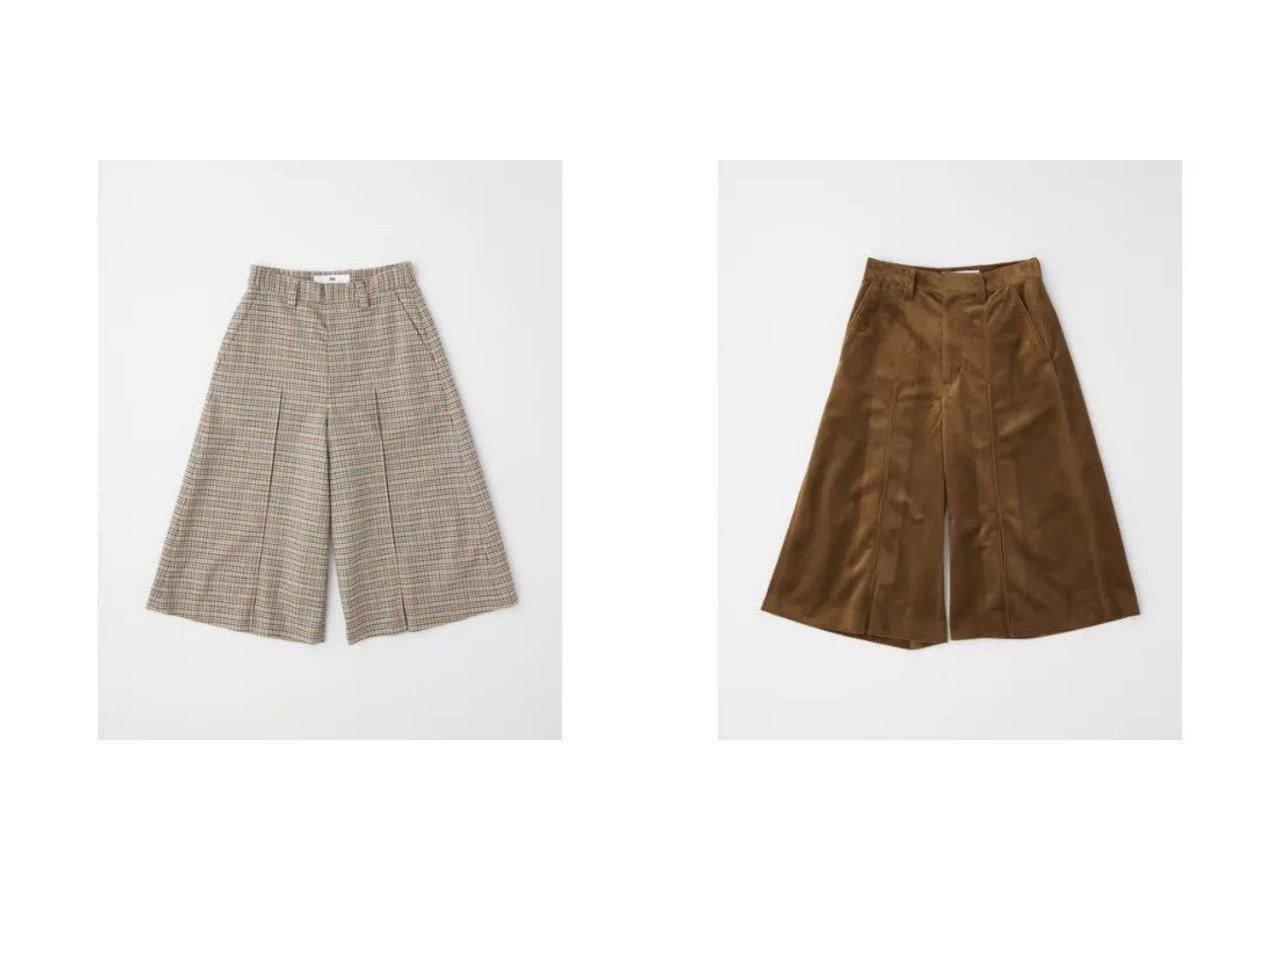 【TWW / Traditional Weatherwear/トラディショナル ウェザーウェア】の【HIGH STREET COLLECTION】BOX PLEATS CULOTTE PANTS&BOX PLEATS CULOTTE PANTS 【スカート】おすすめ!人気、トレンド・レディースファッションの通販   おすすめで人気の流行・トレンド、ファッションの通販商品 インテリア・家具・メンズファッション・キッズファッション・レディースファッション・服の通販 founy(ファニー) https://founy.com/ ファッション Fashion レディースファッション WOMEN スカート Skirt おすすめ Recommend キュロット クラシック コレクション ジャケット セットアップ ドレス フロント プリーツ リュクス コーデュロイ ベルベット  ID:crp329100000065918